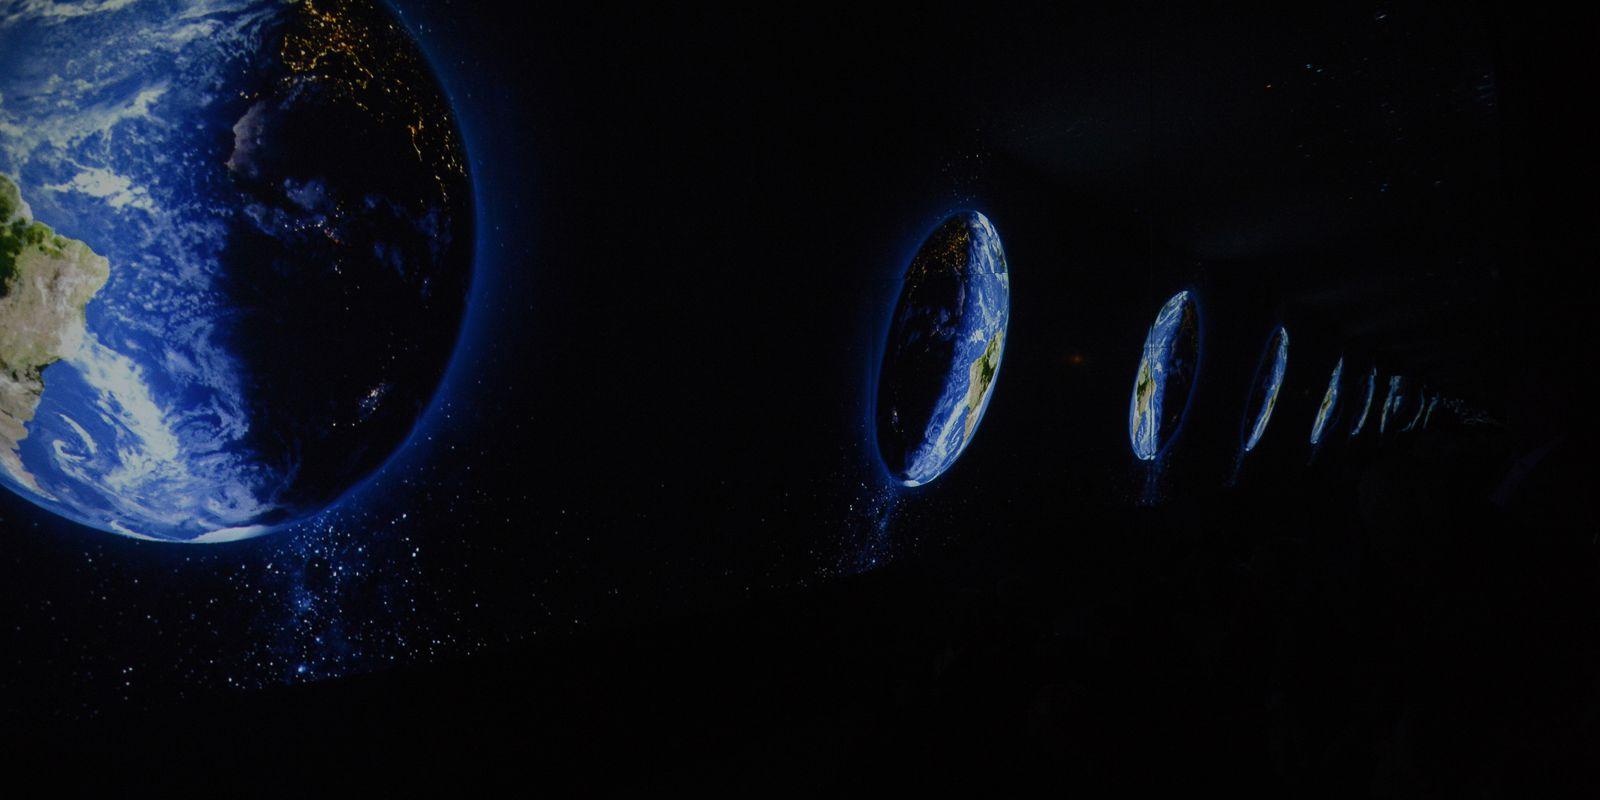 O Museu de Astronomia inaugura novo Centro de Visitantes com espaço interativo, em São Cristóvão, na zona norte do Rio de Janeiro.